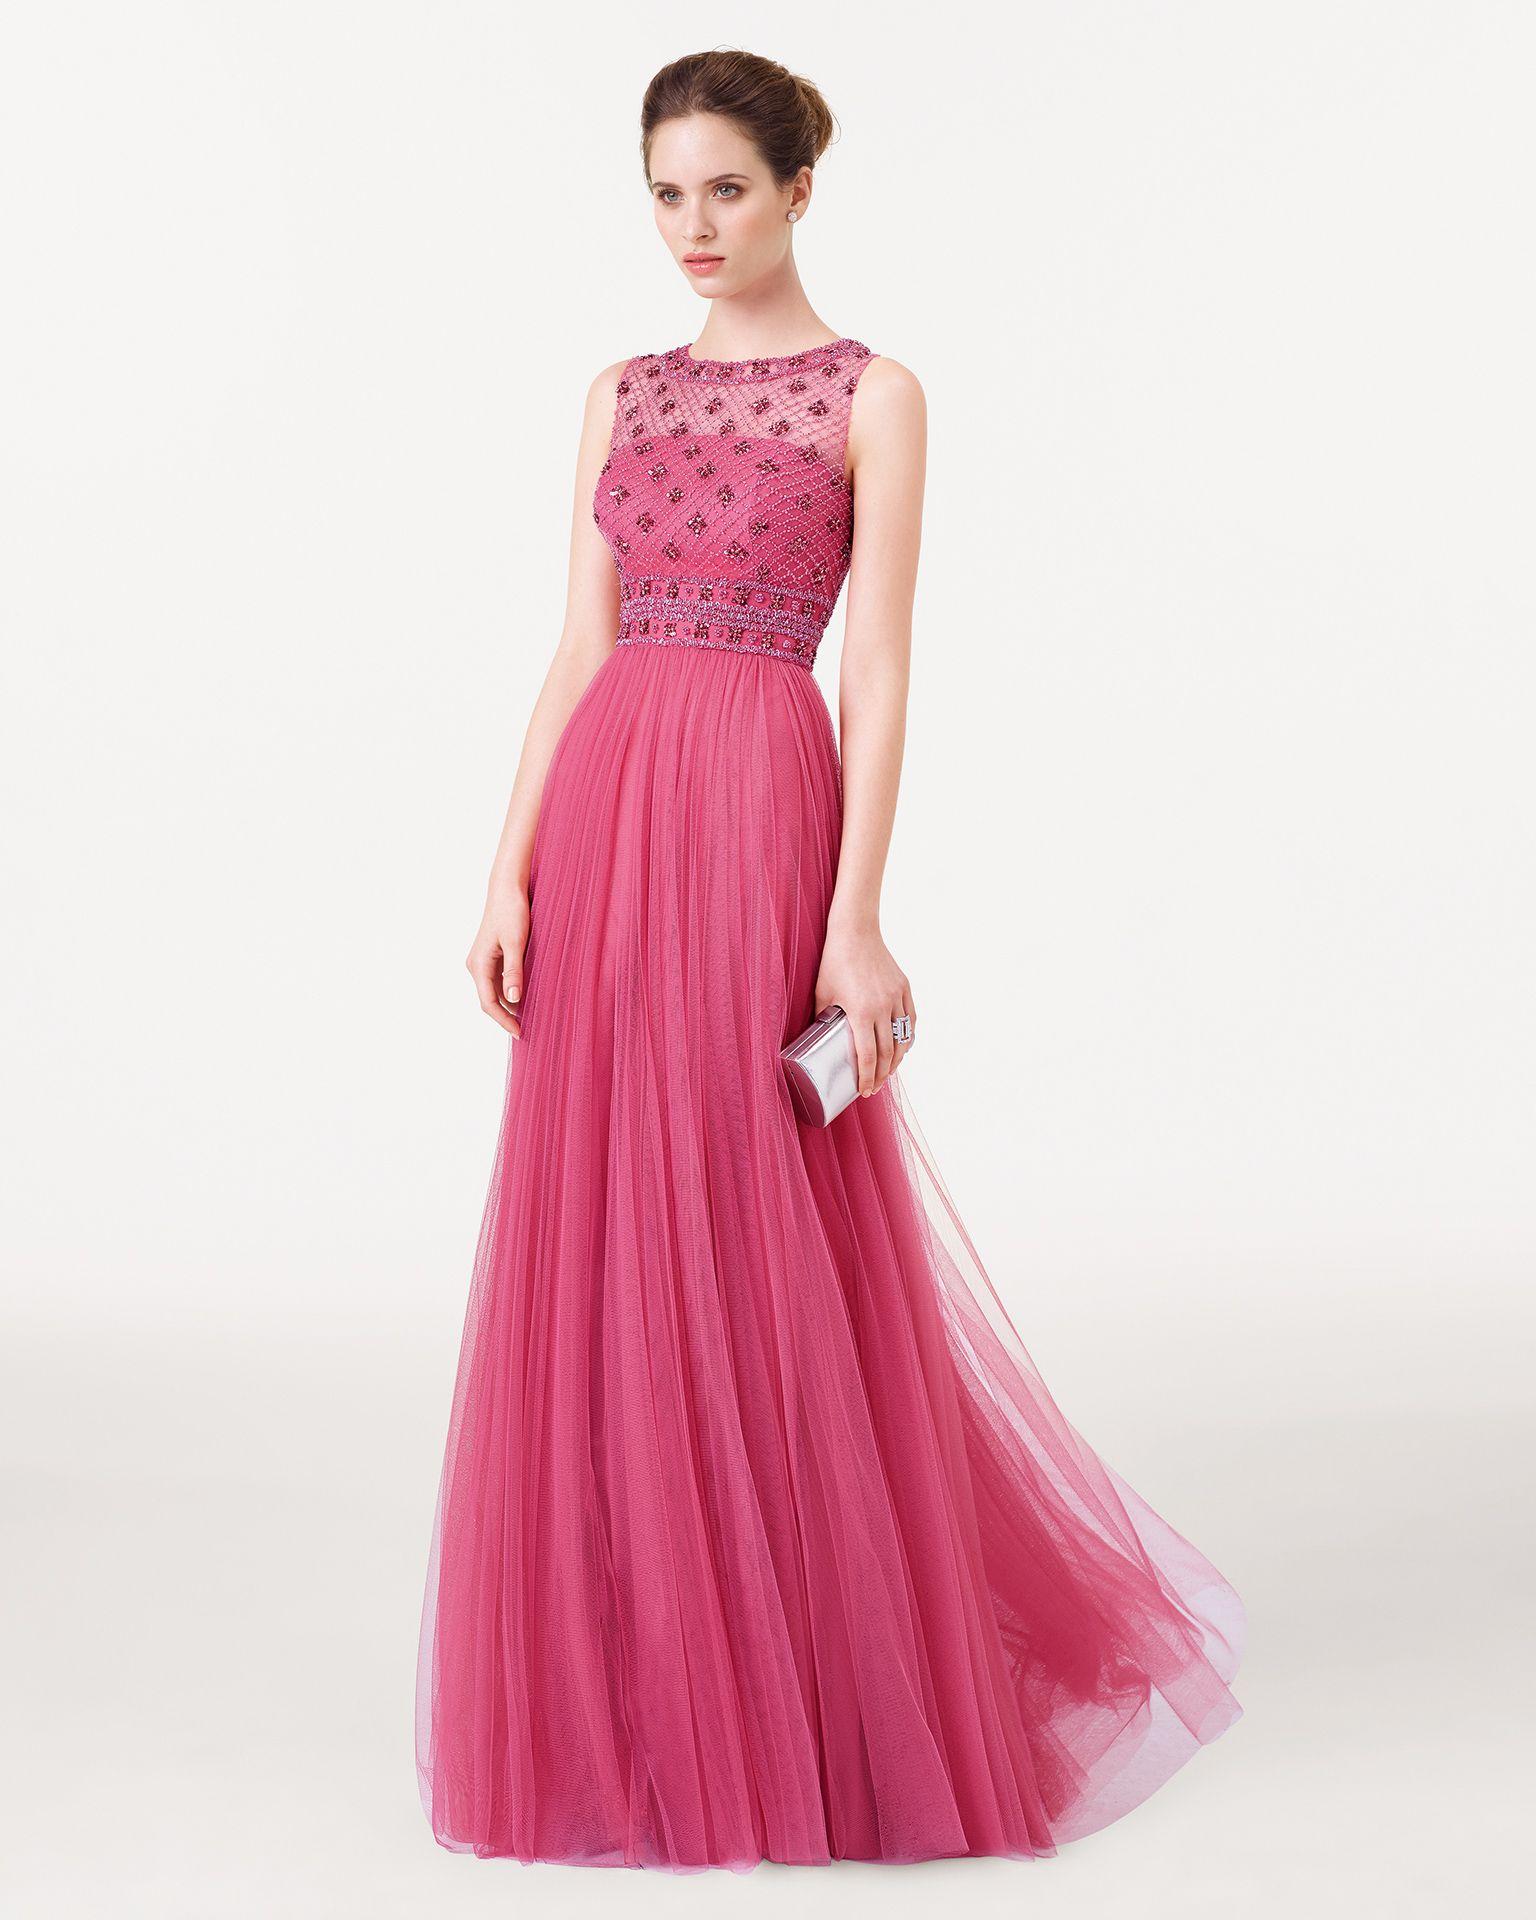 Vestido y chal de tul sedoso bordado y pedrería Color esmeralda ...